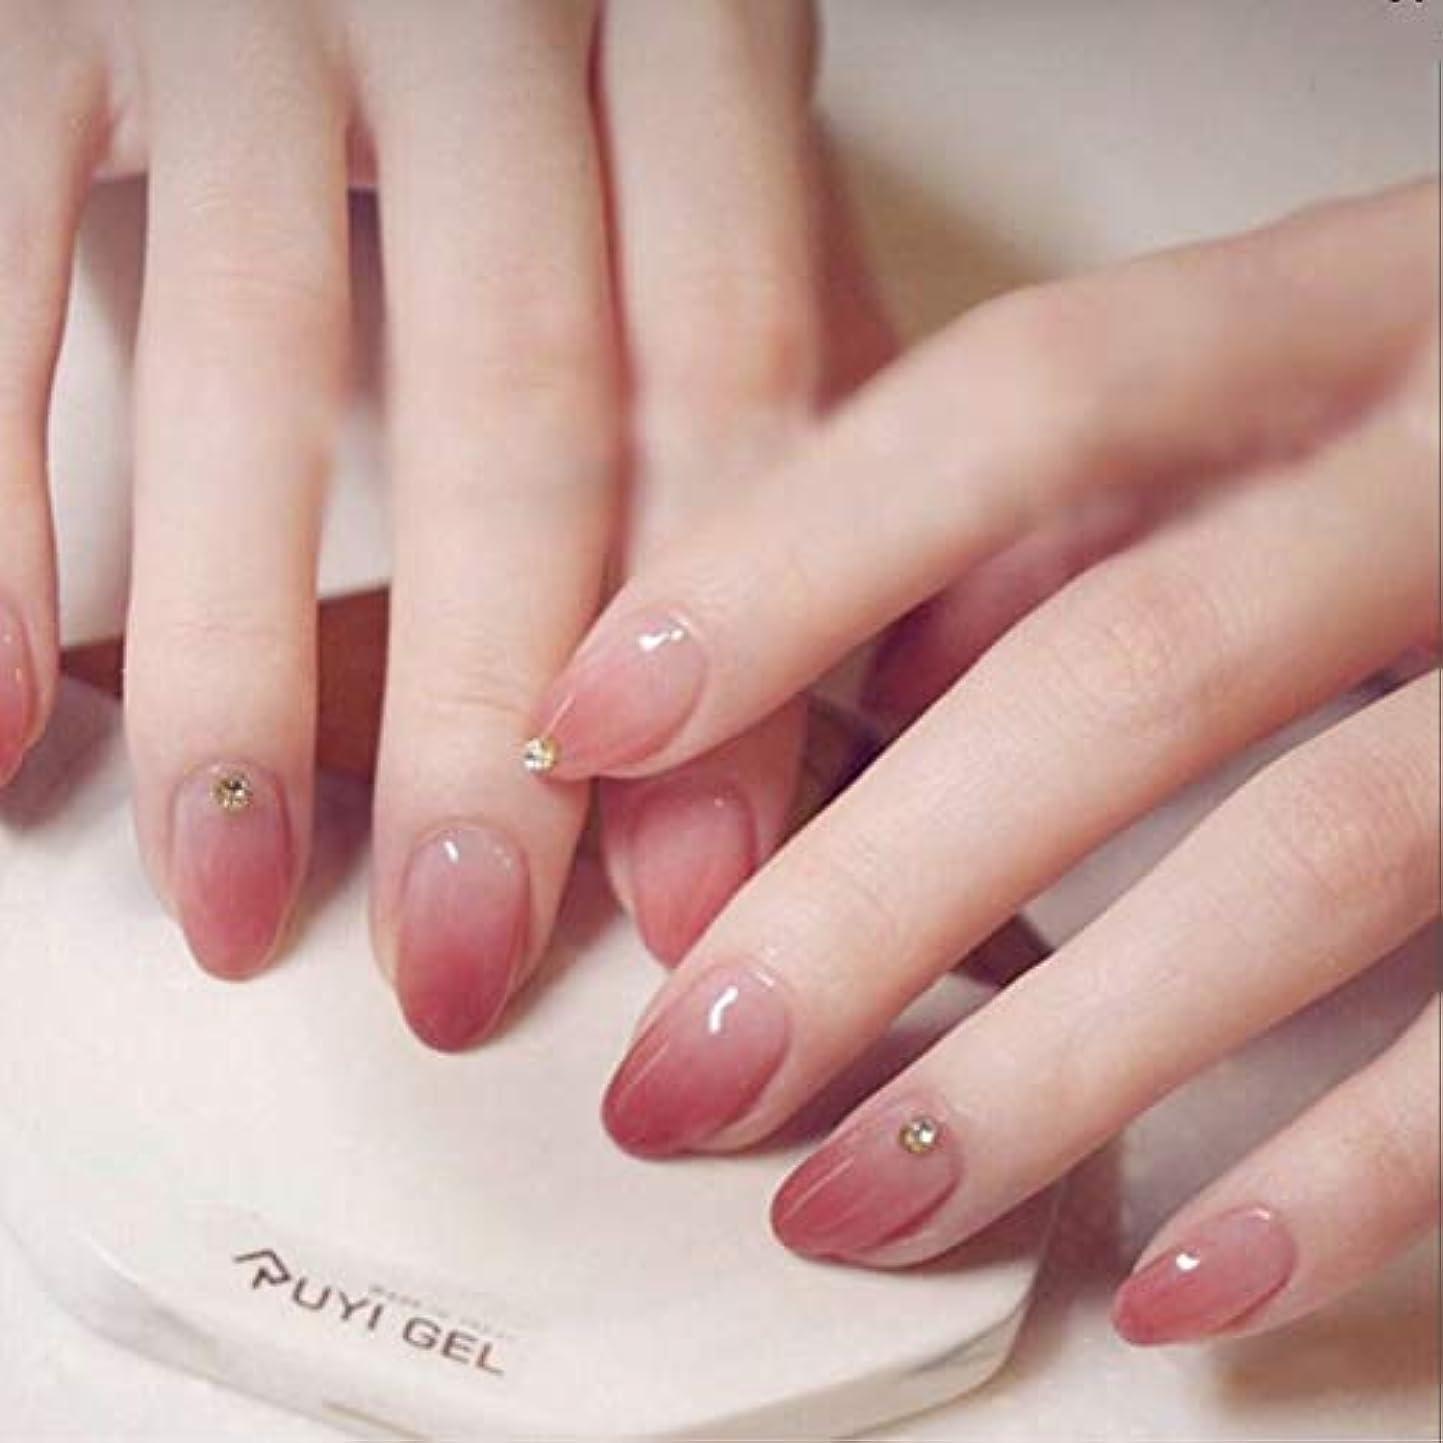 デクリメント慣性しゃがむXUTXZKA 24ピース偽爪フルカバー人工レッドチェリー偽爪プレスの爪のヒント短いネイルアートステッカー